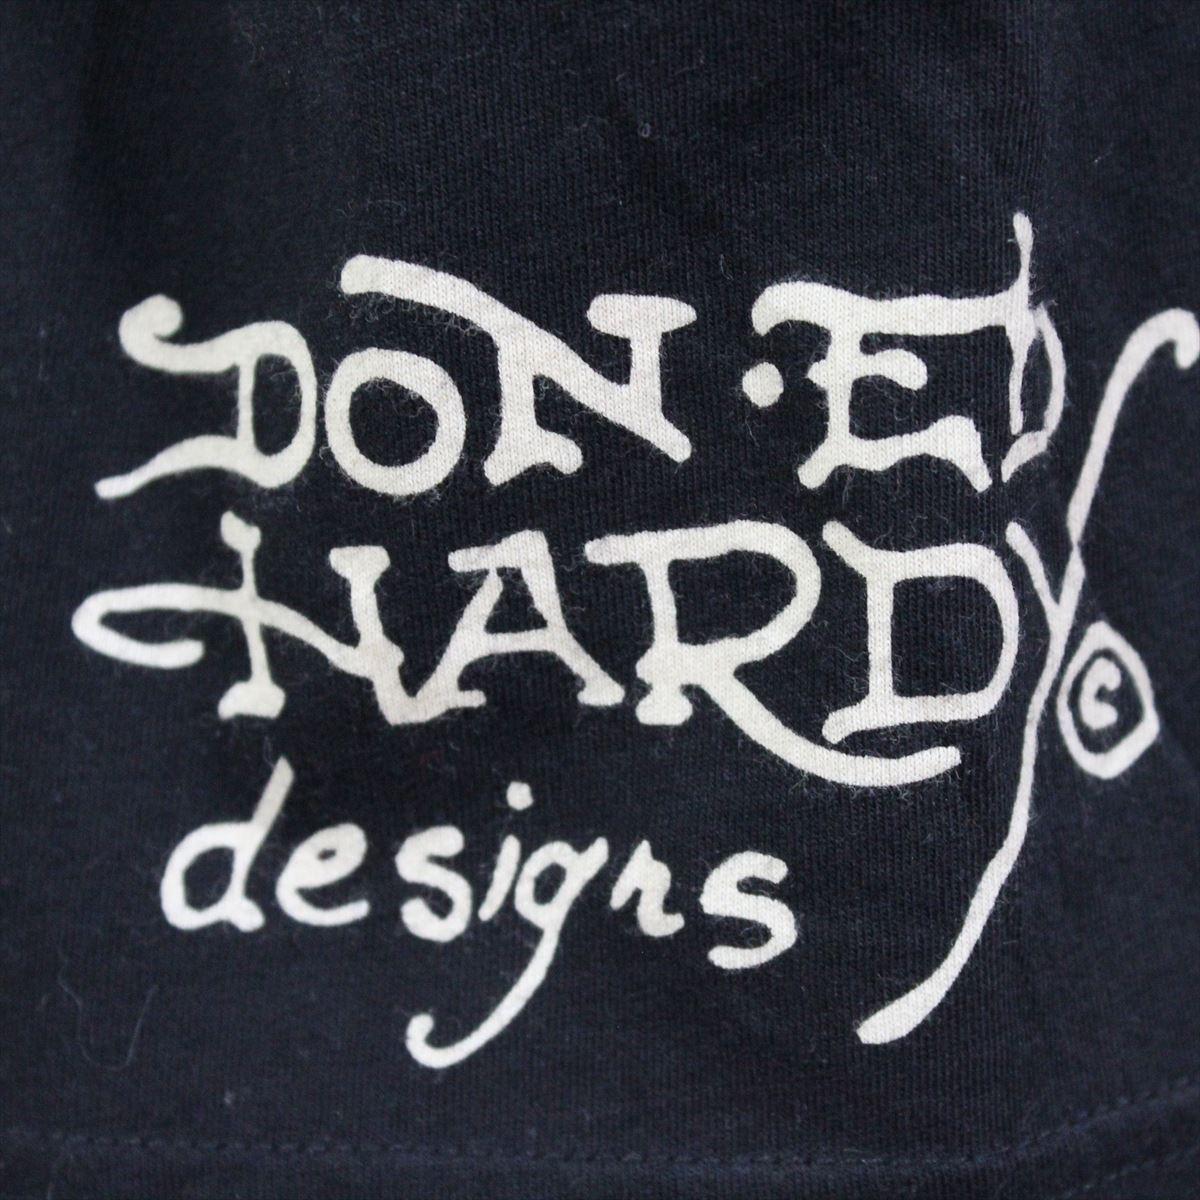 エドハーディー ED HARDY メンズ半袖Tシャツ ブラック Mサイズ 新品 黒 Vネック M02BMV554_画像4